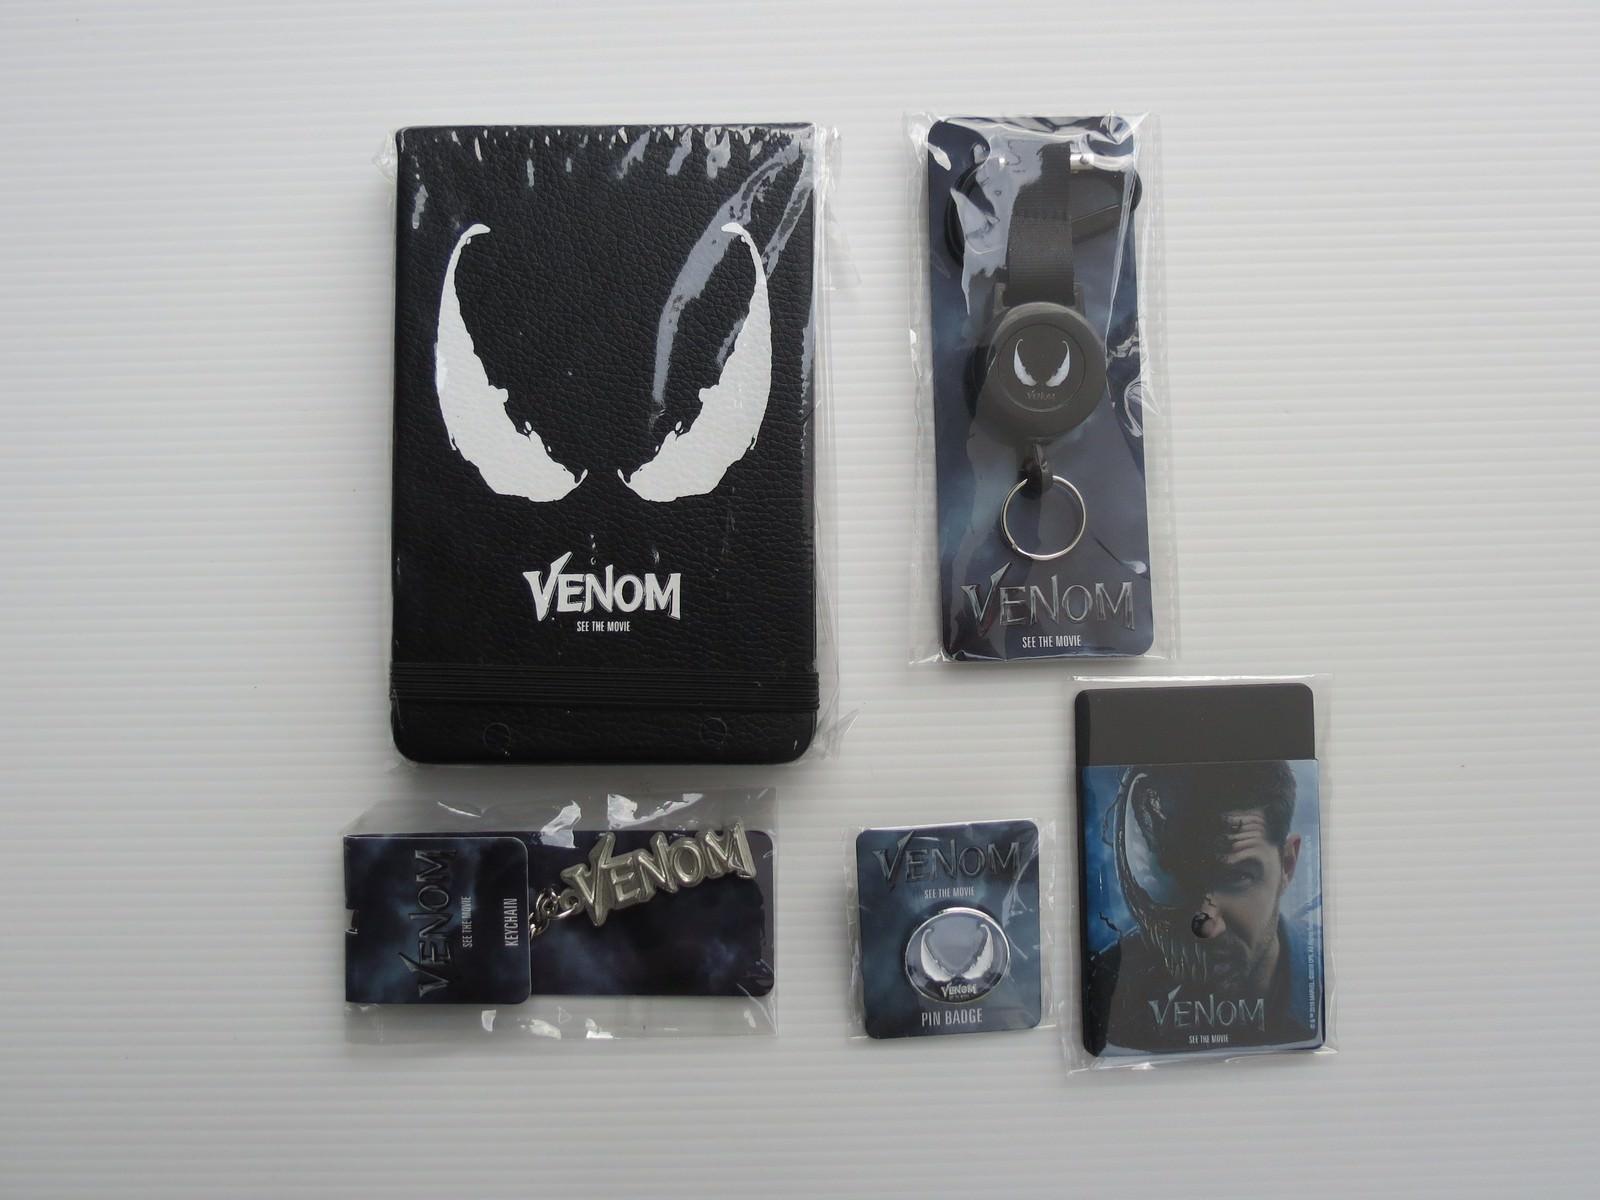 Movie, Venom(美國, 2018年) / 猛毒(台灣) / 毒液:致命守护者(中國) / 毒魔(香港), 電影宣傳品